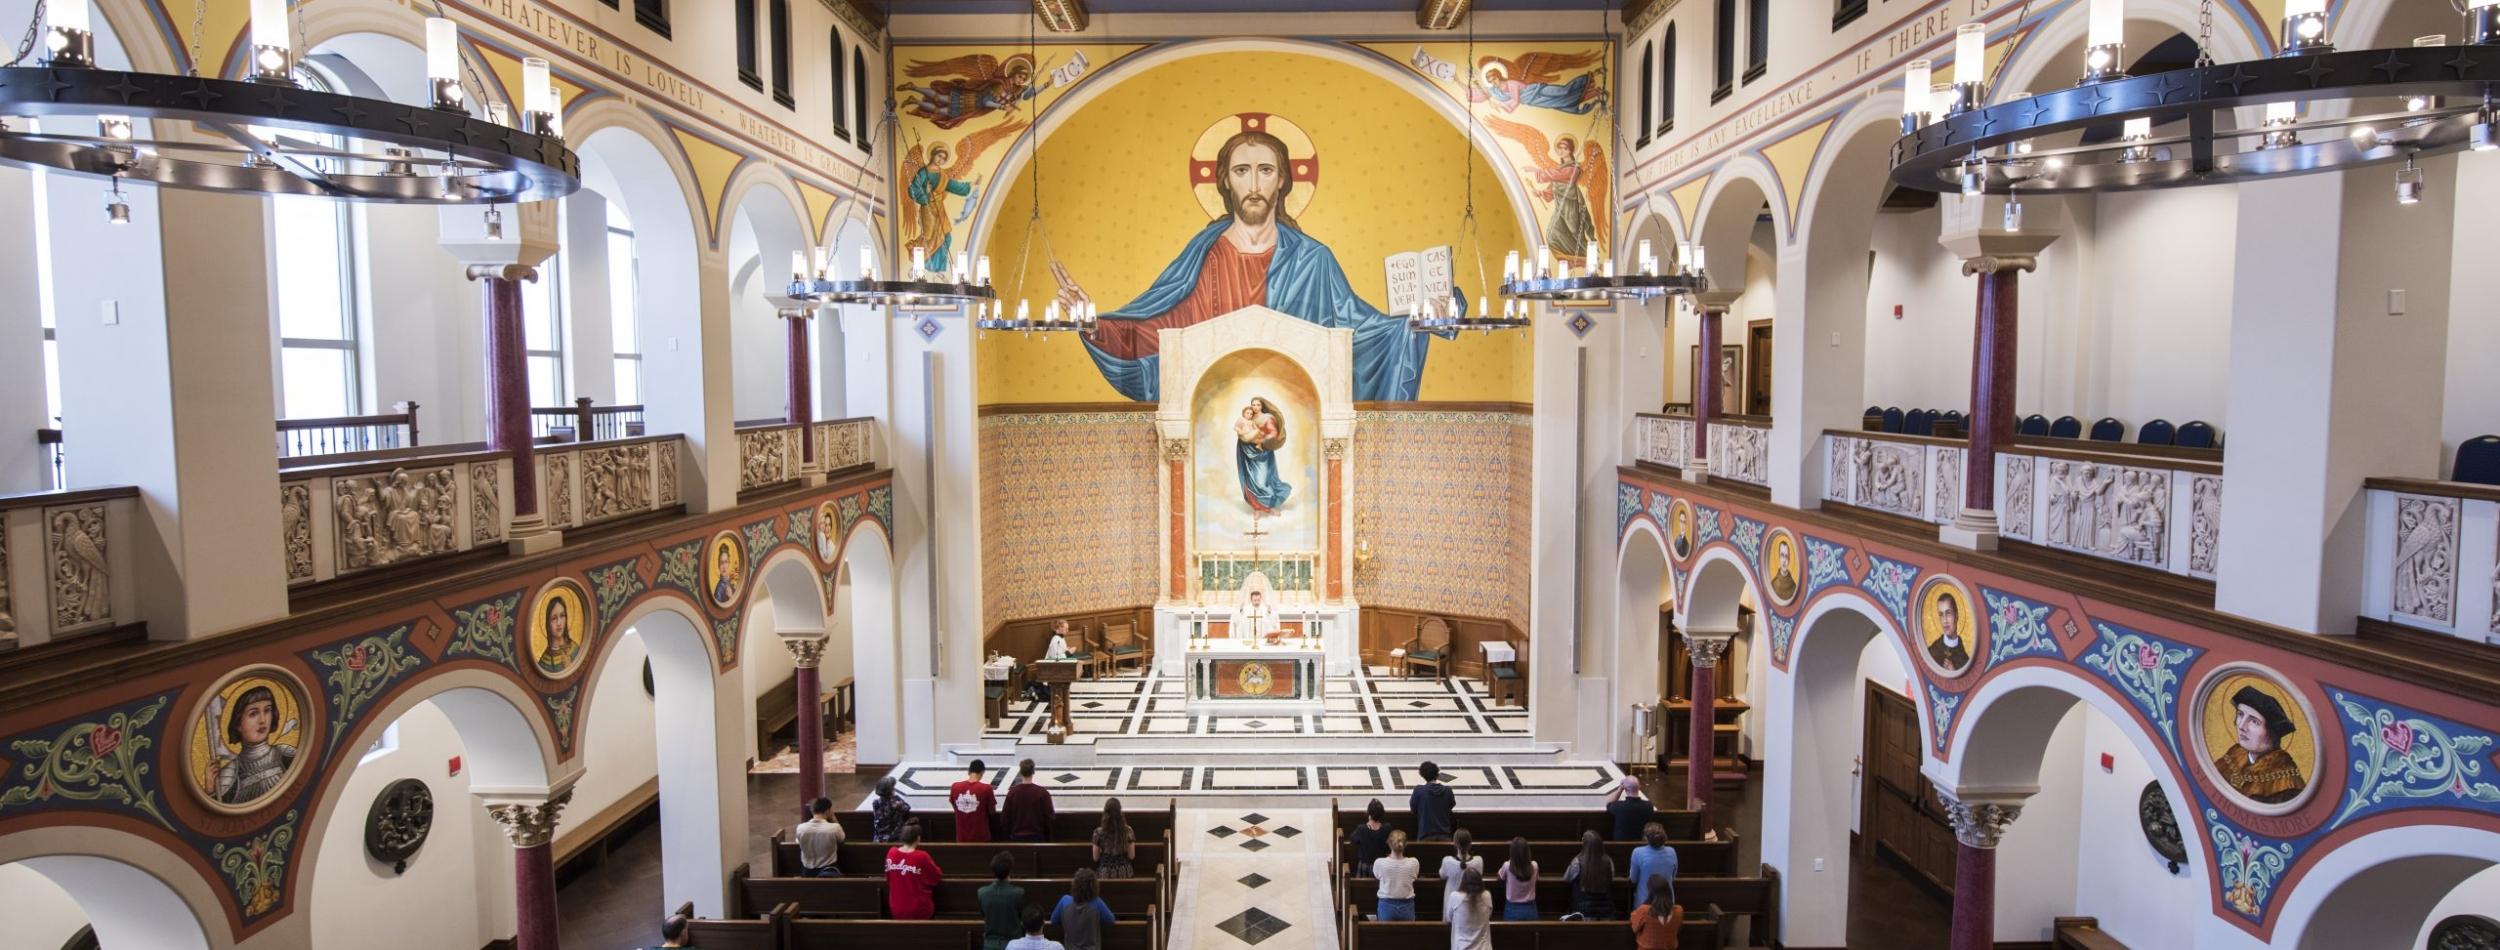 St Pauls Mass